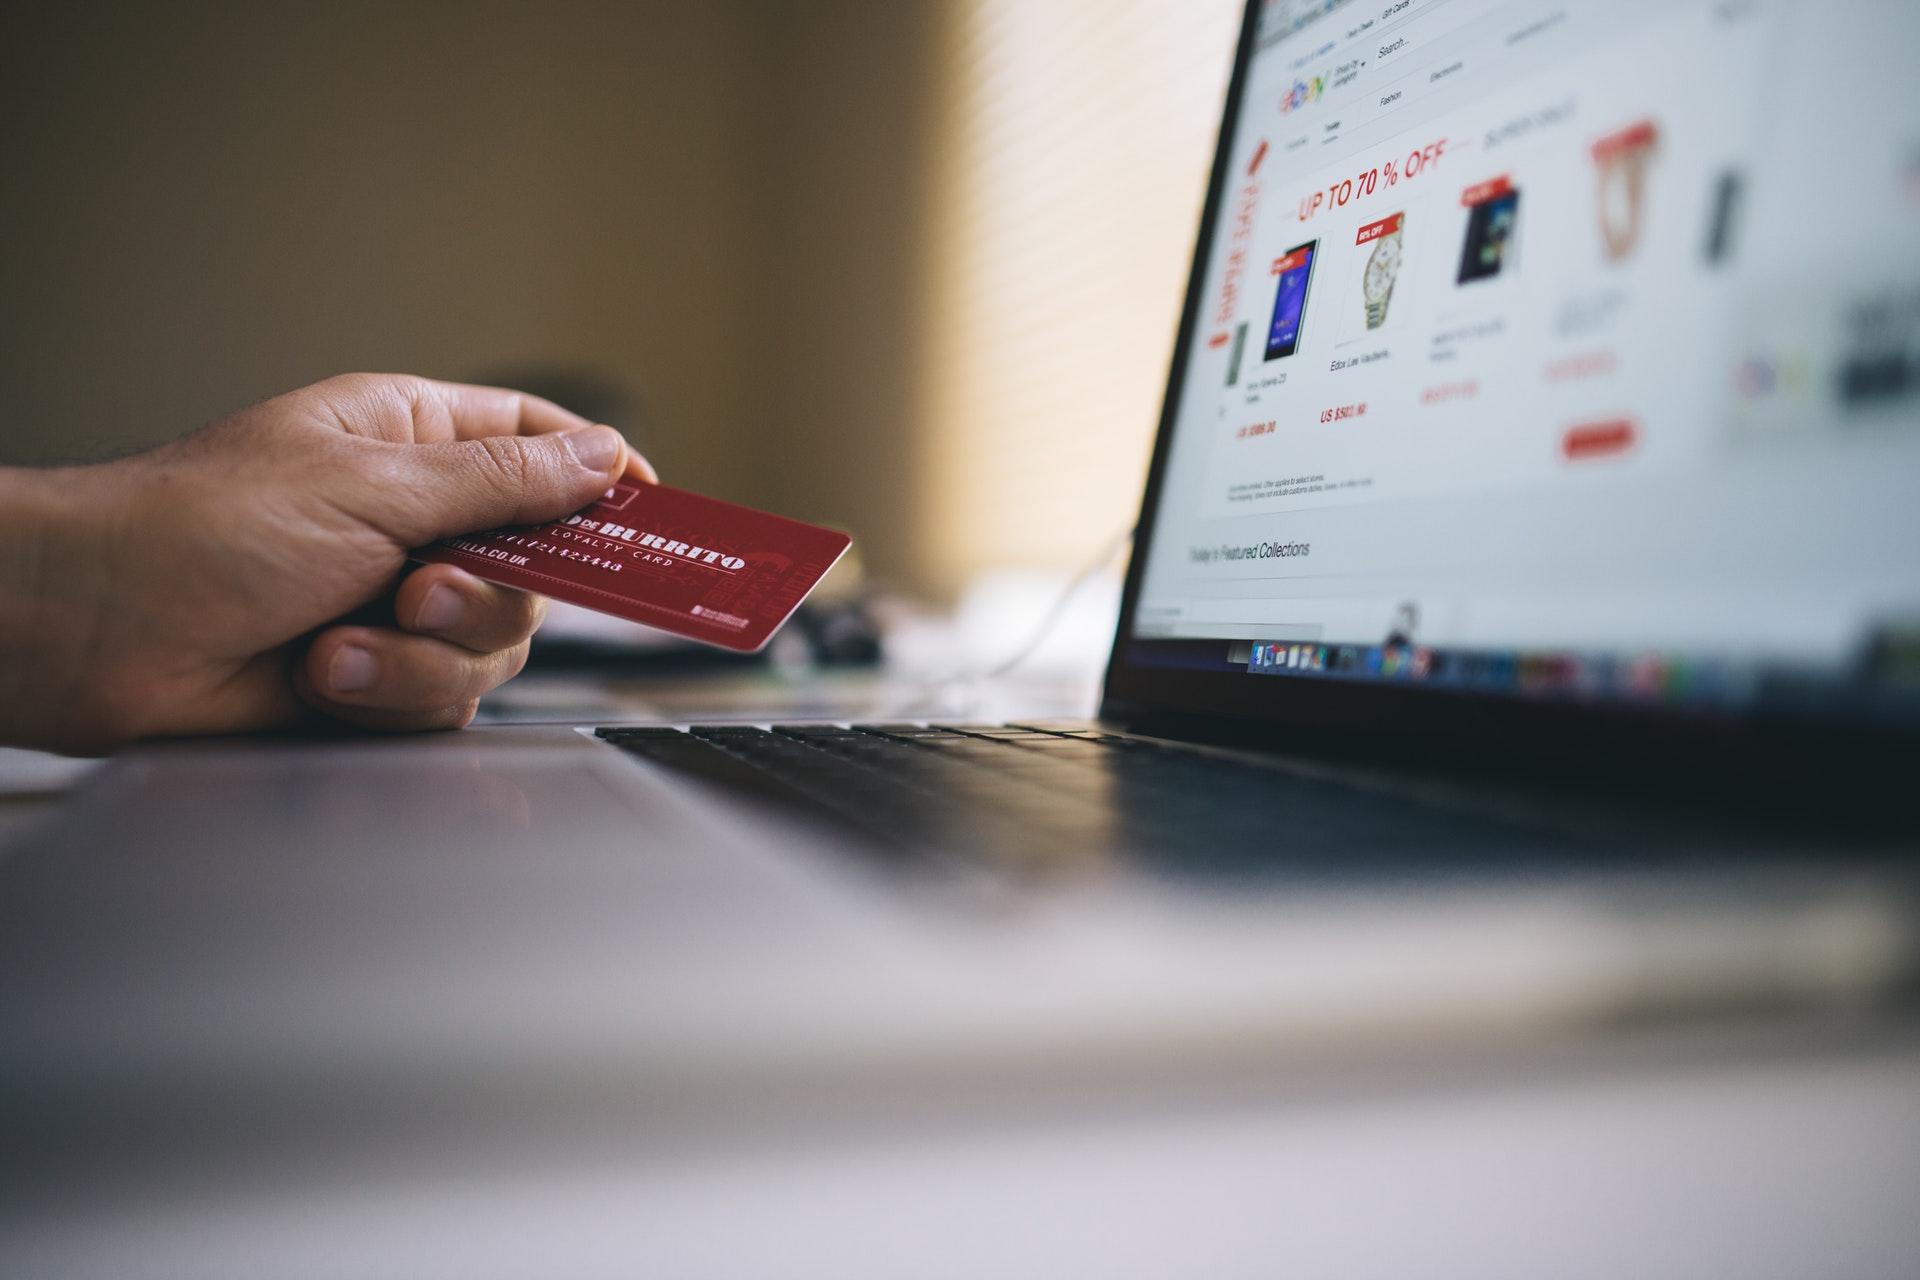 Sur internet, un tiers des avis des consommateurs sont faux